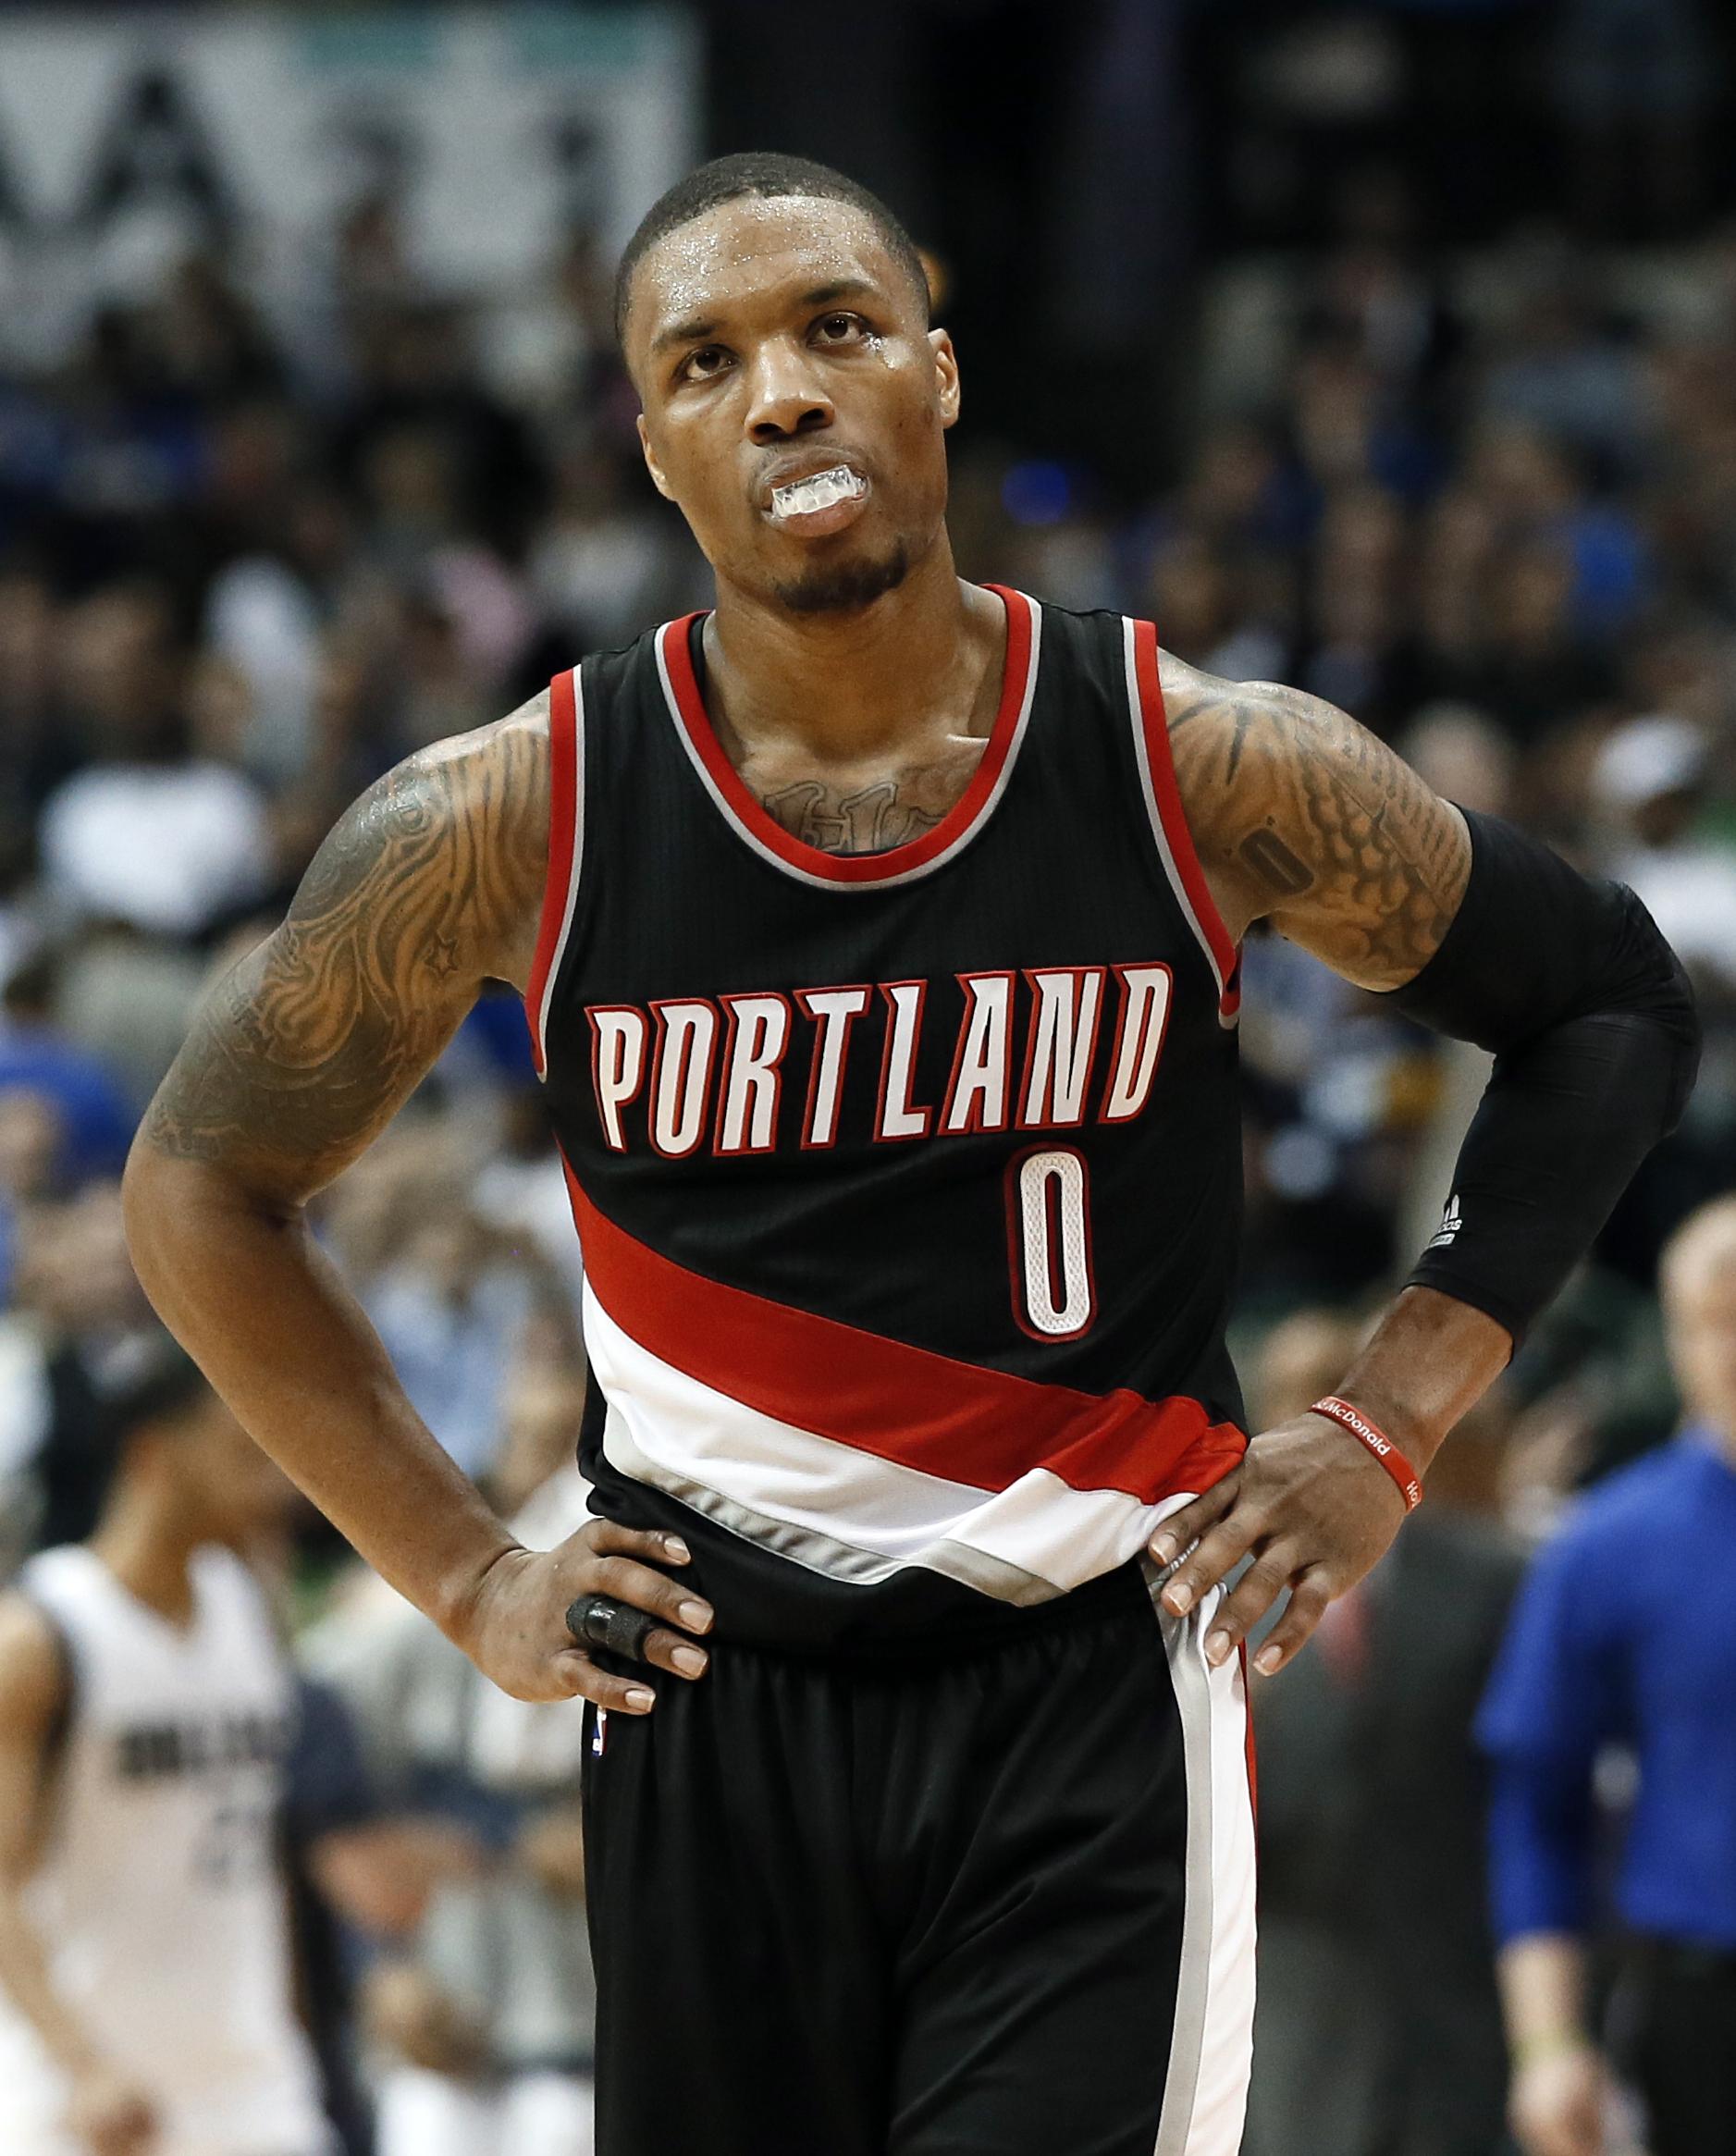 Portland Trail Blazers' Damian Lillard (0) walks back to the bench